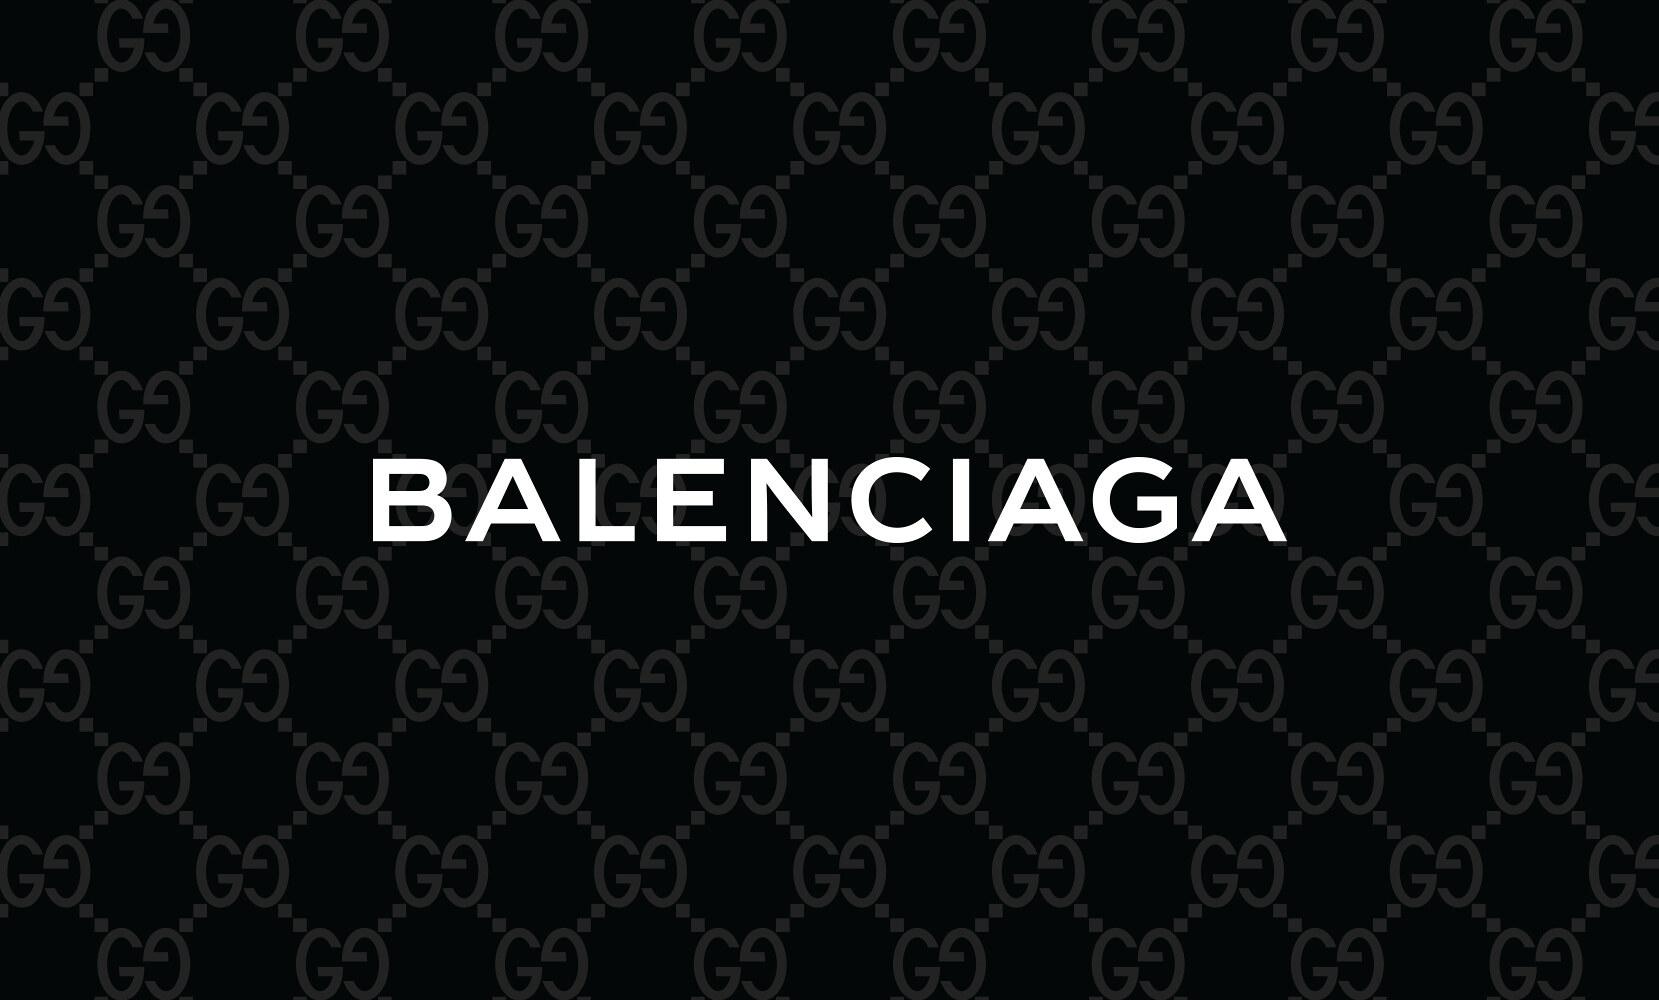 Gucci x Balenciaga informazioni esclusive